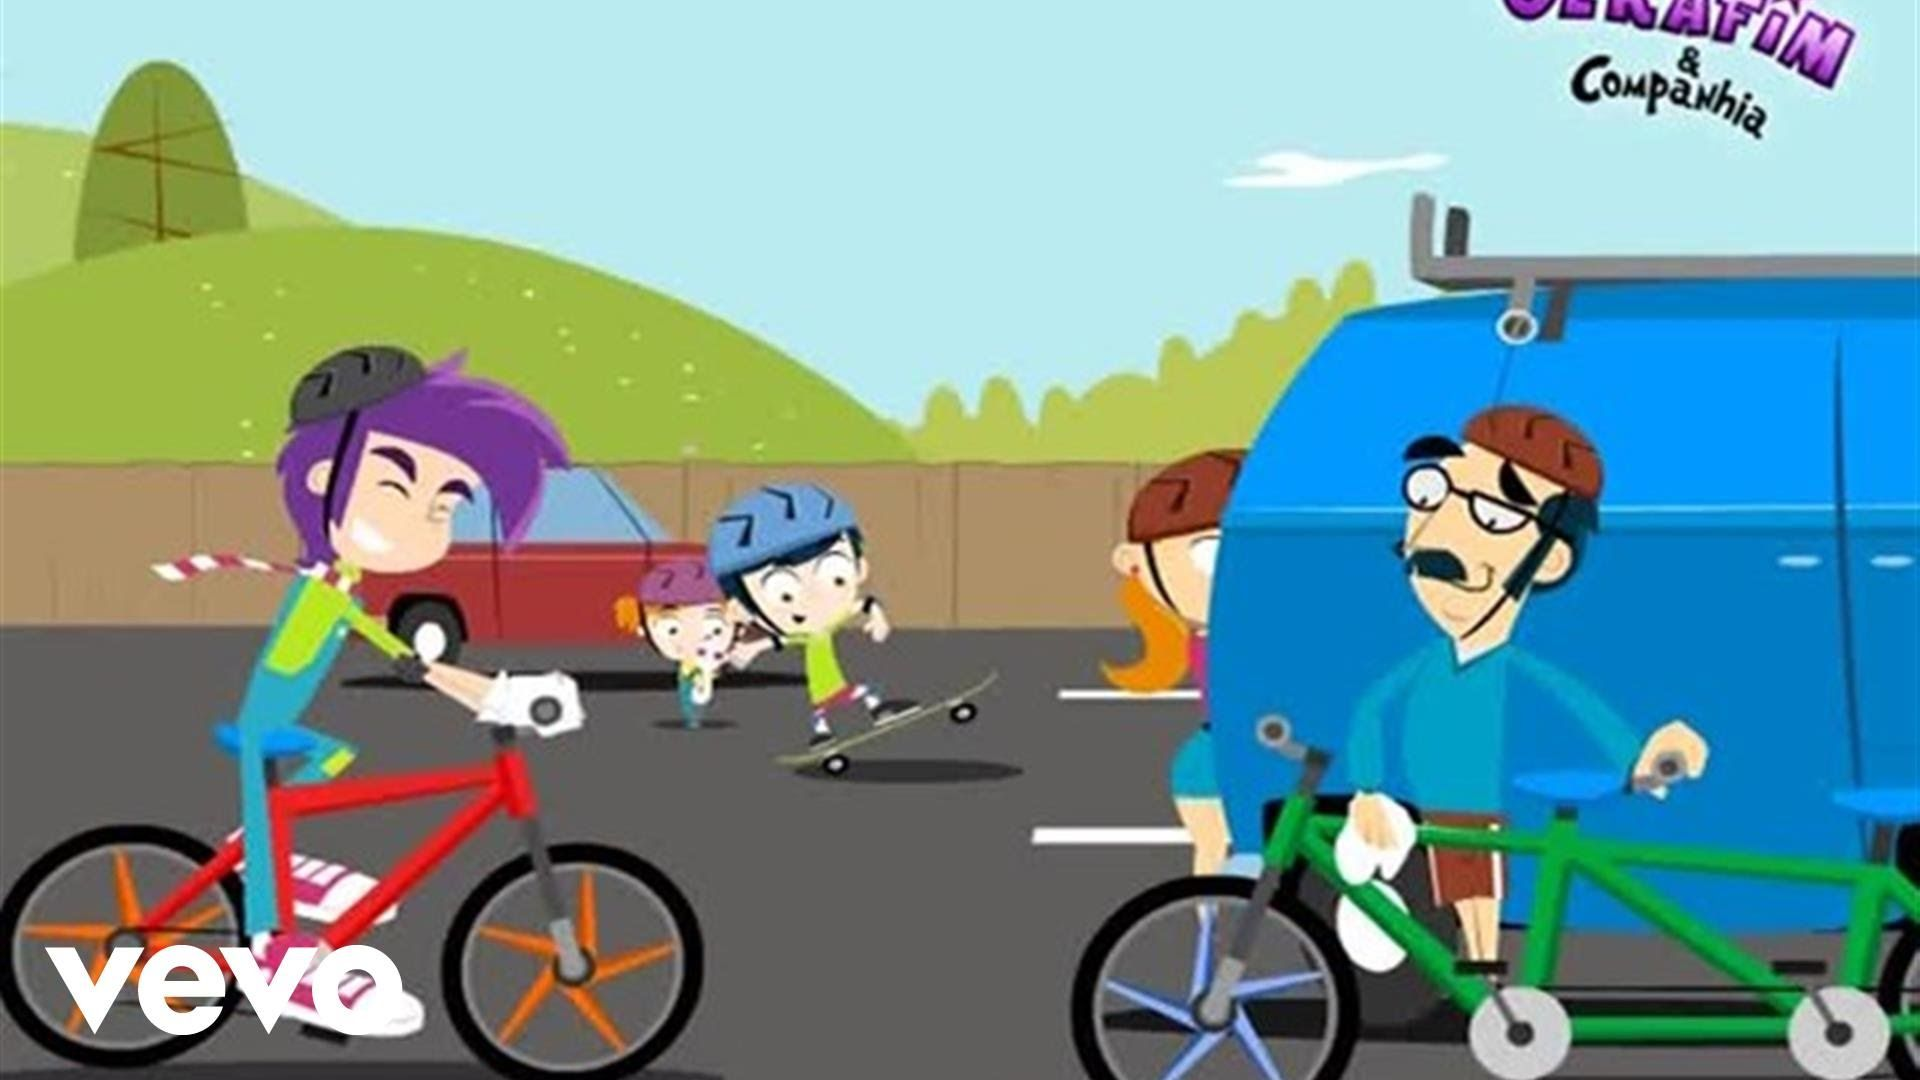 Serafim & Companhia - Vou De Bicicleta